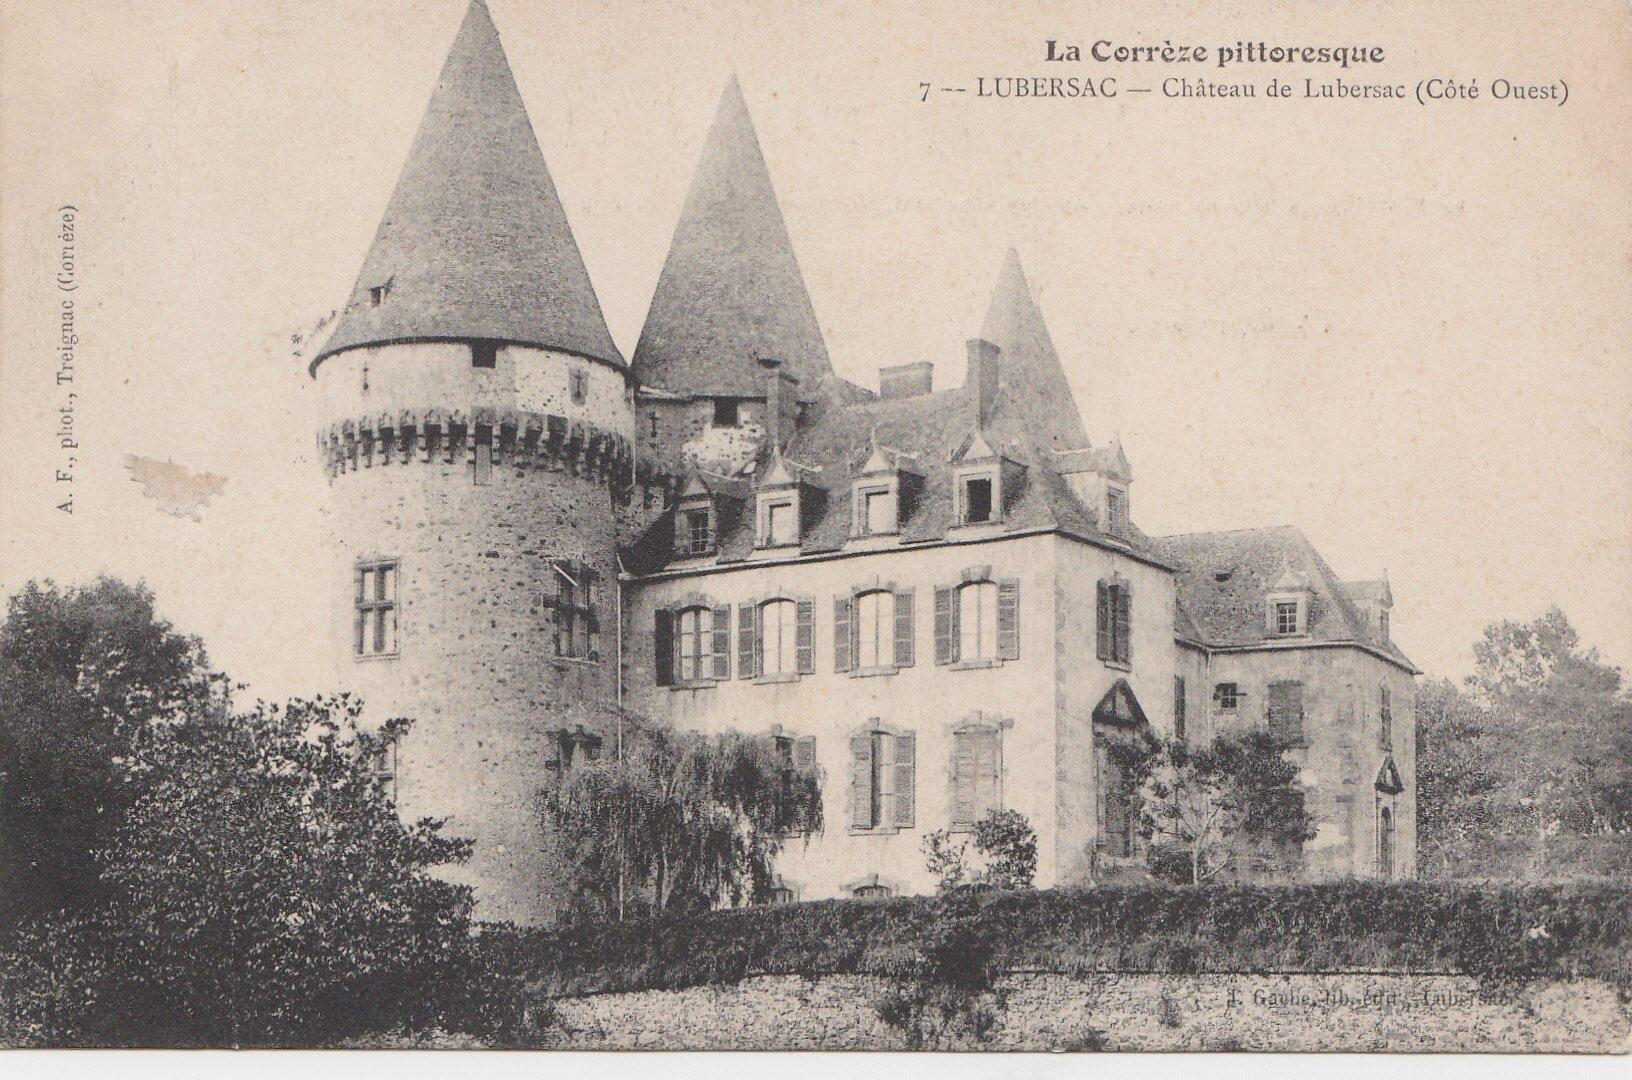 La Corrèze pittoresque - 7 Lubersac - Château de Lubersac (Côté Ouest)